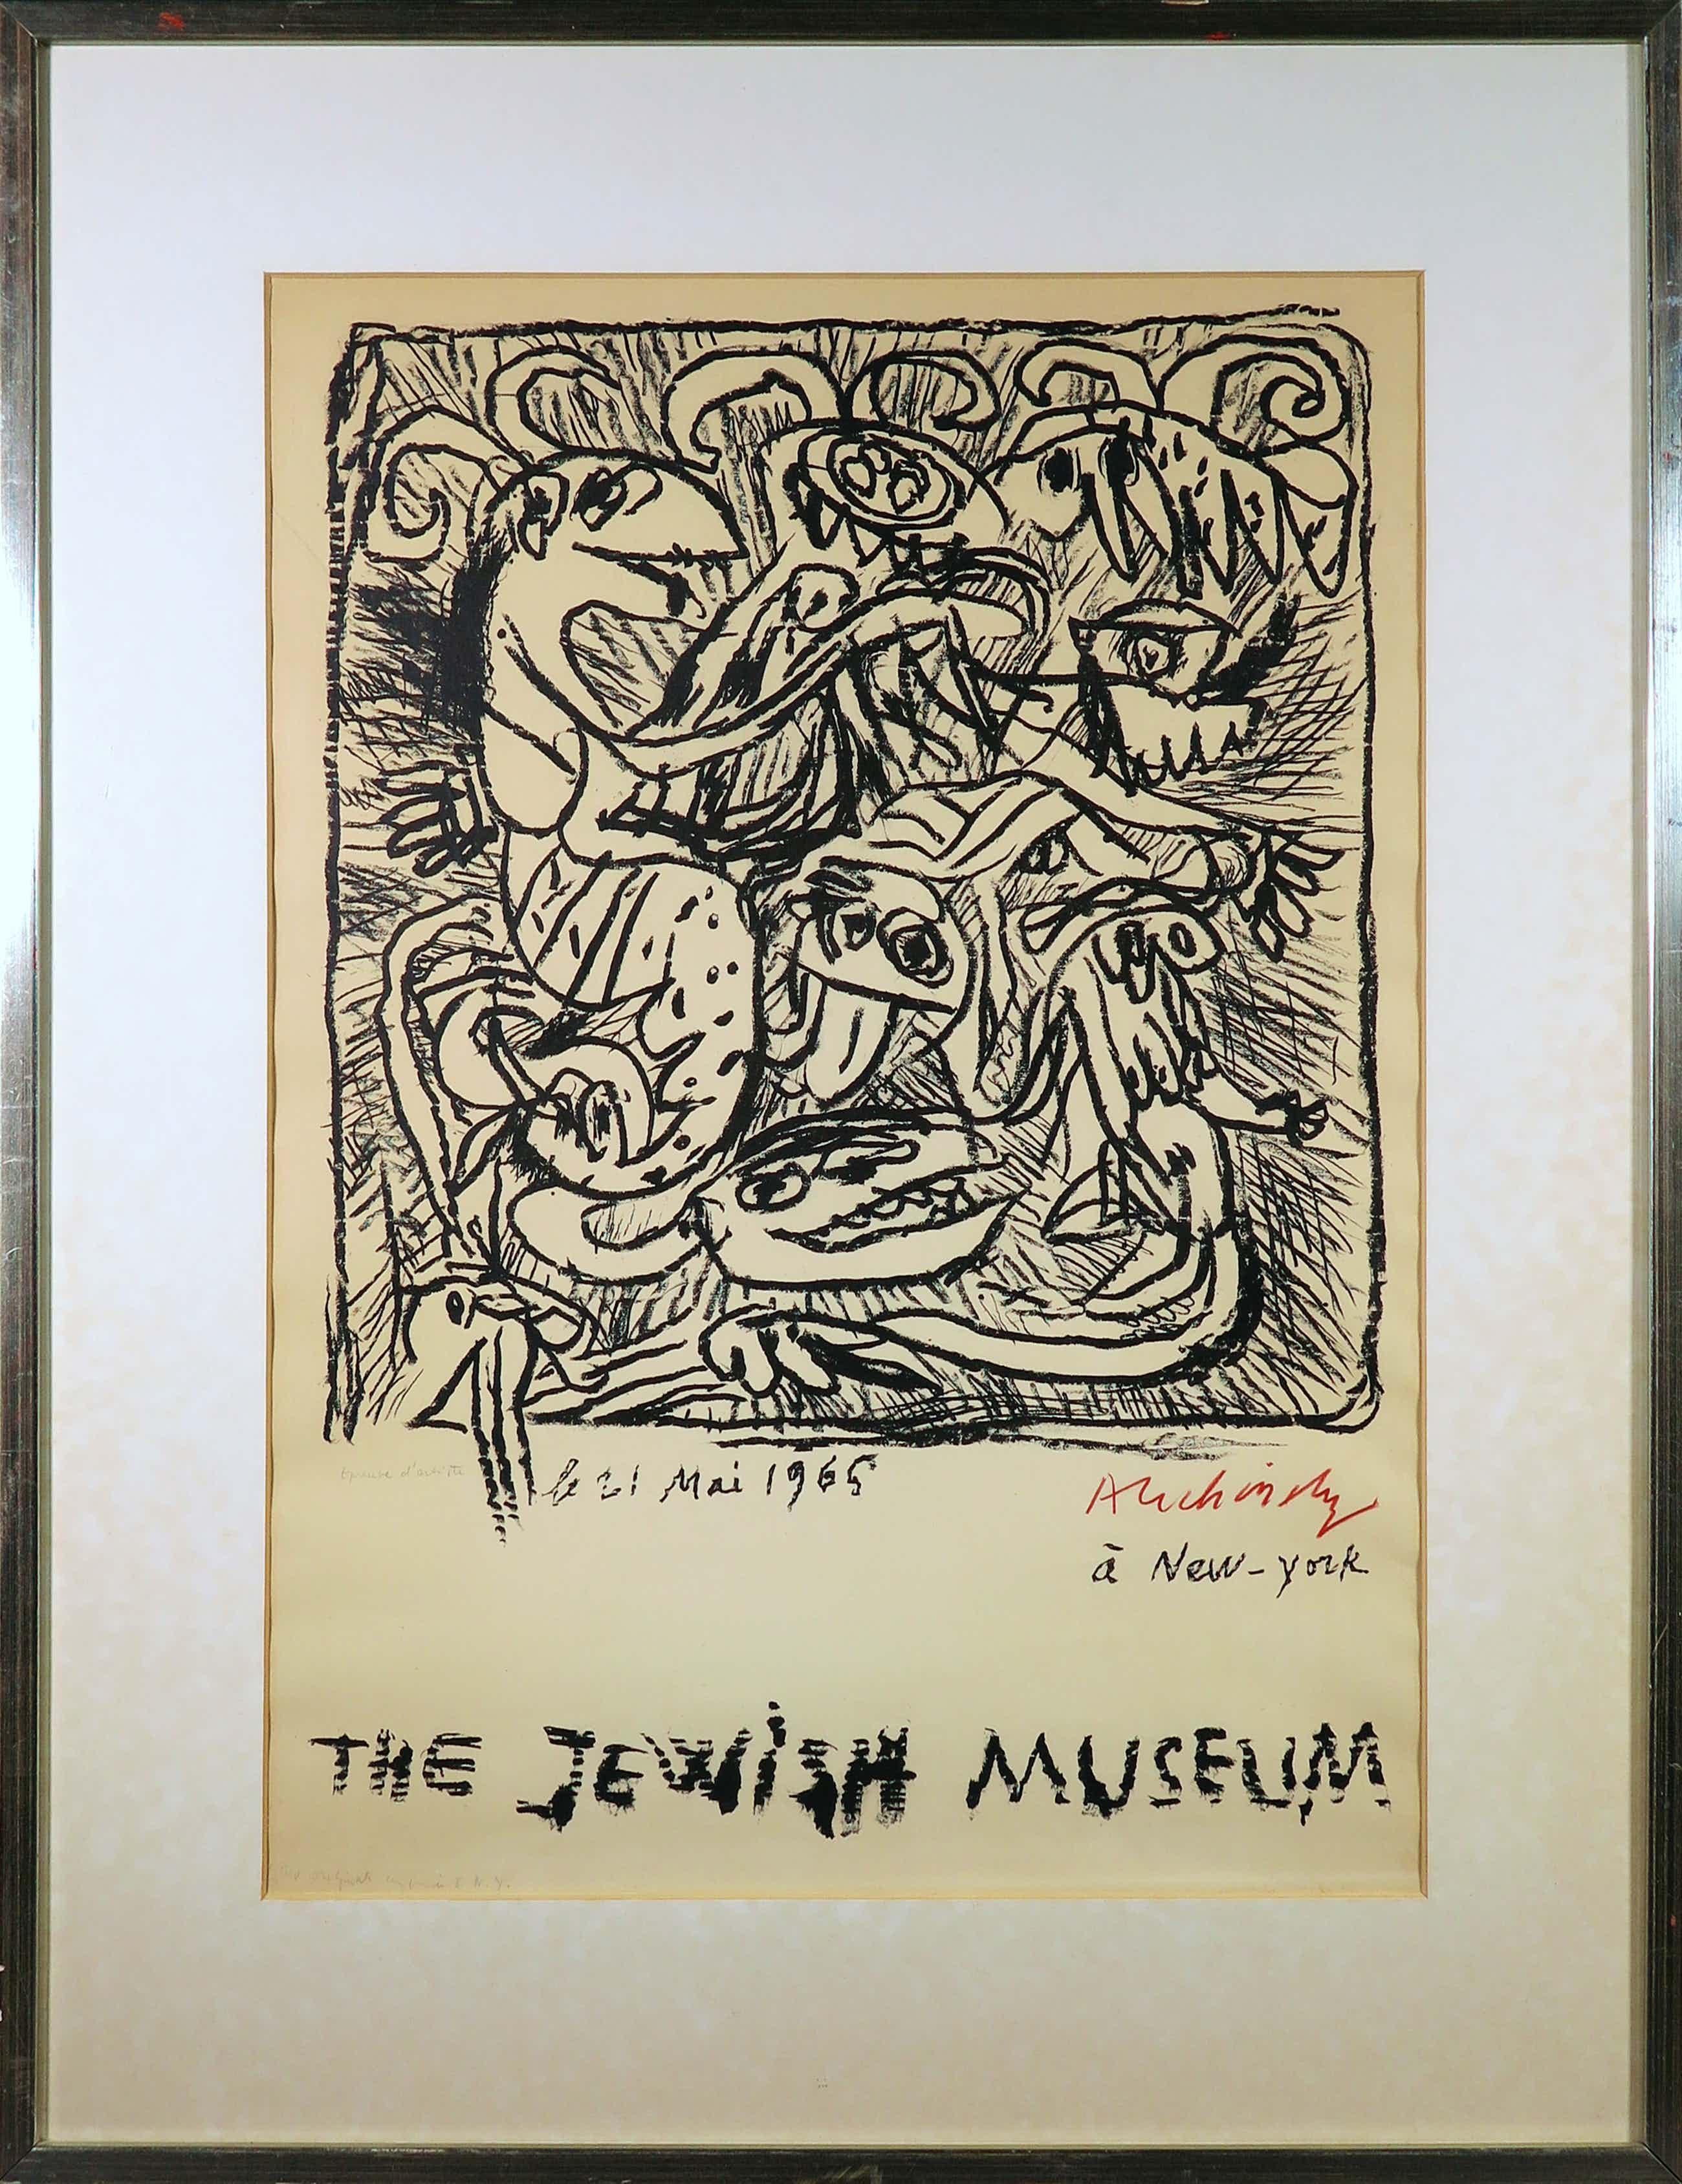 Pierre Alechinsky - Litho, The Jewish Museum (New York) - Ingelijst kopen? Bied vanaf 520!